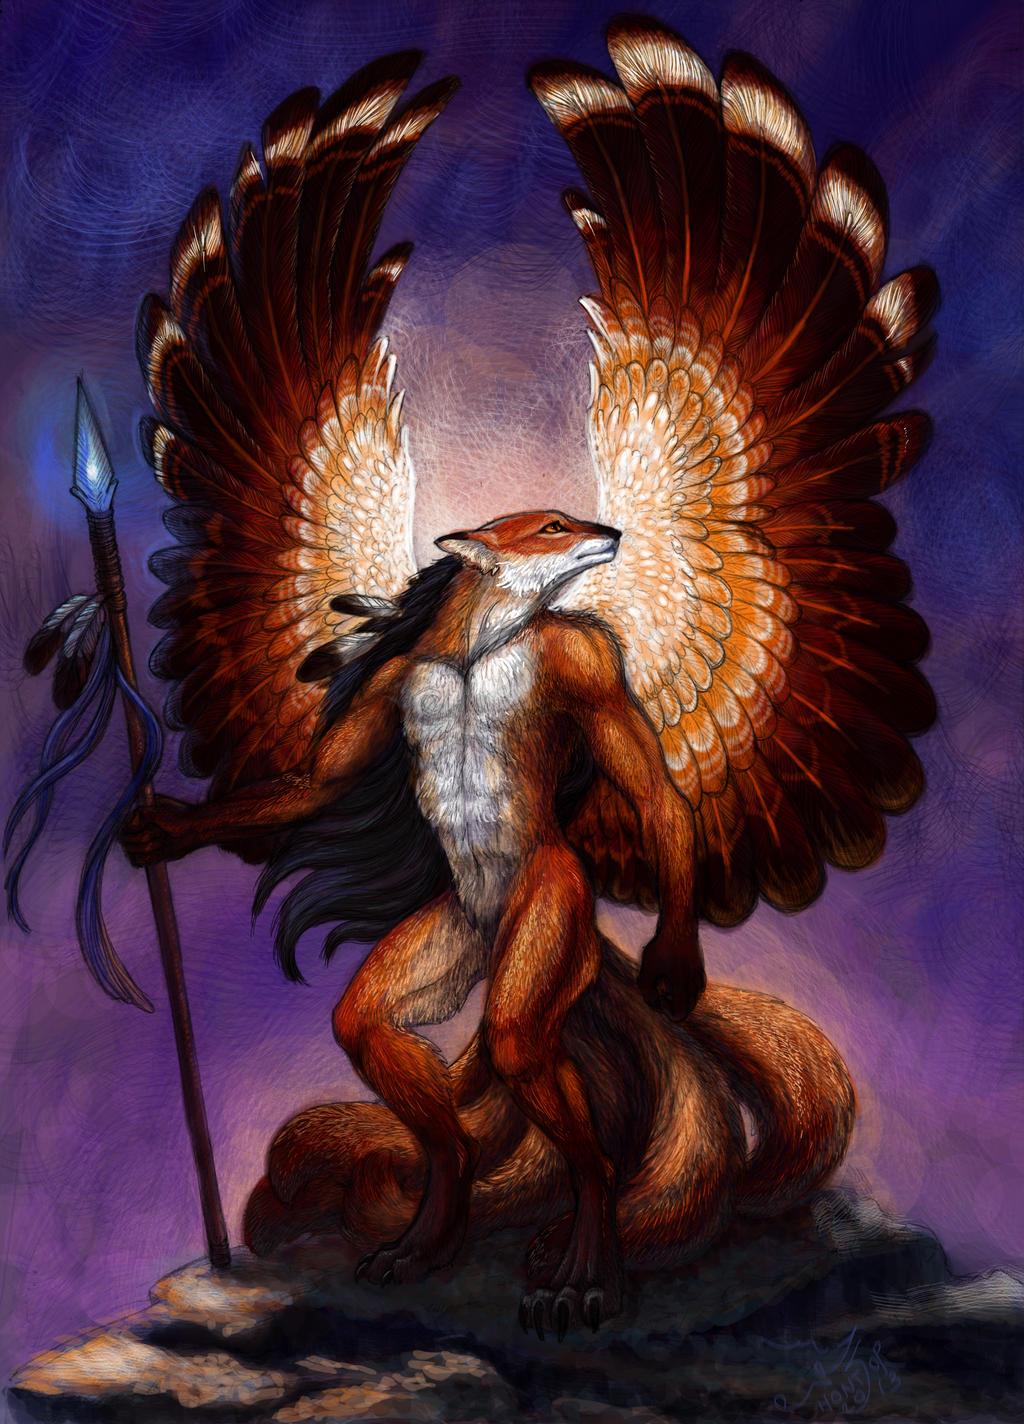 Kitsune warrior by hontor on DeviantArt